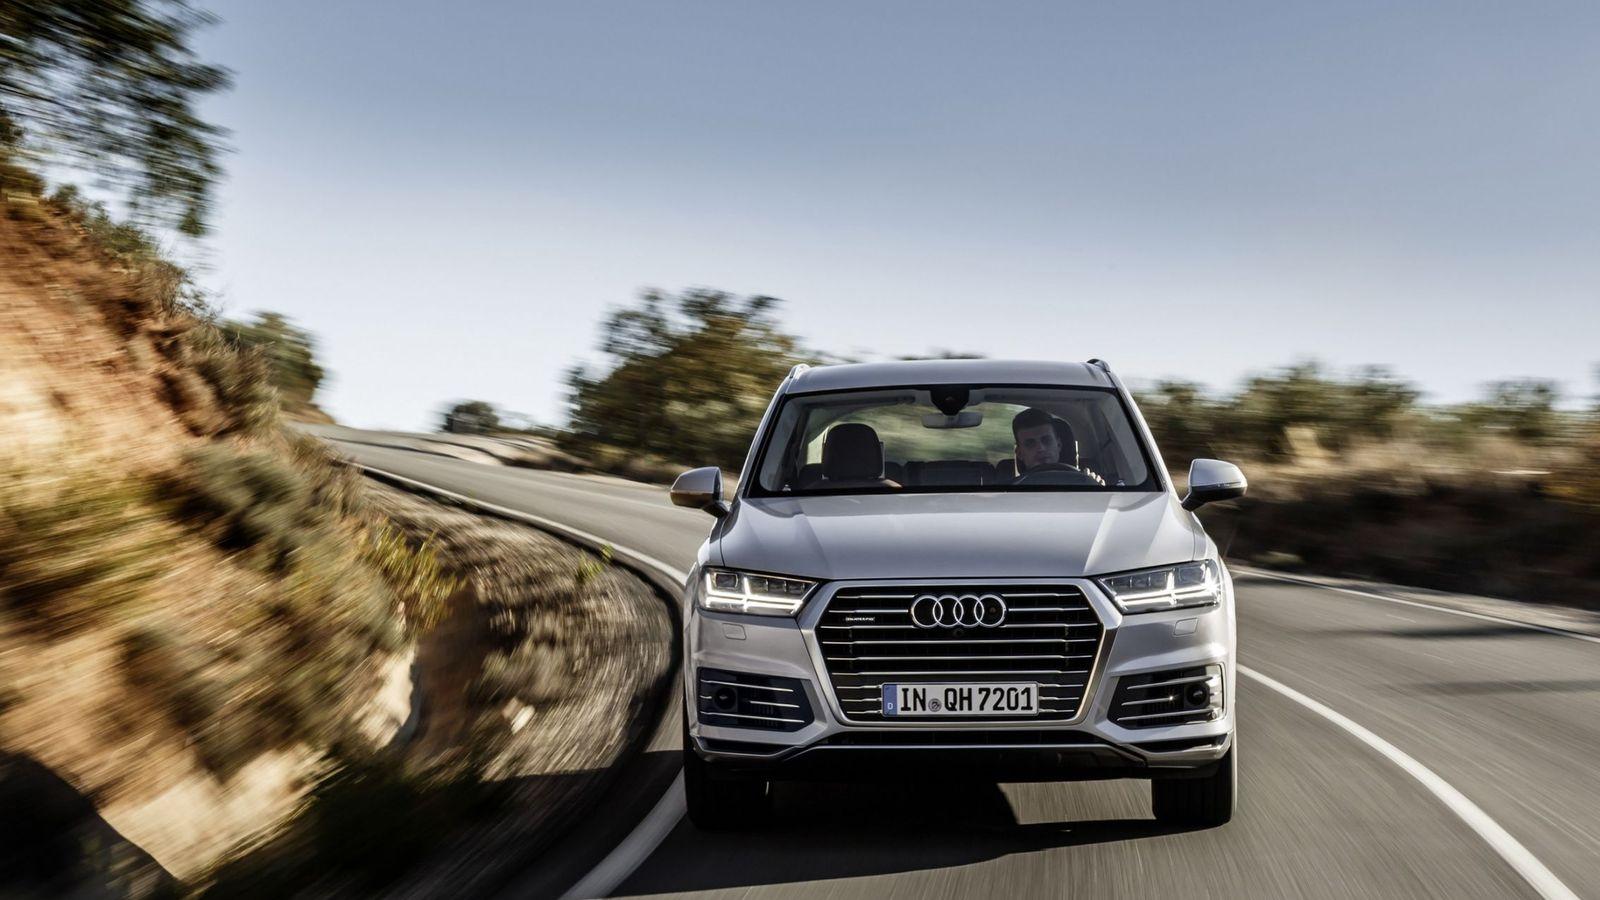 Foto: Nuevo Audi Q7 e-tron